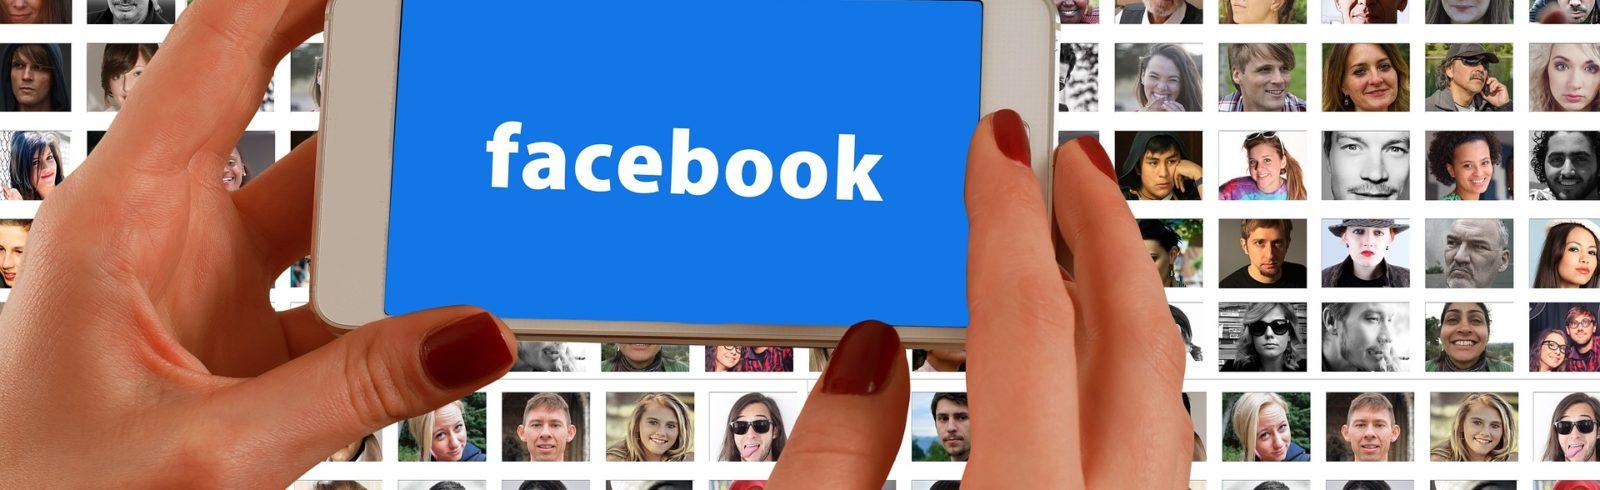 Come utilizzare Facebook per creare una Relazione con le Persone